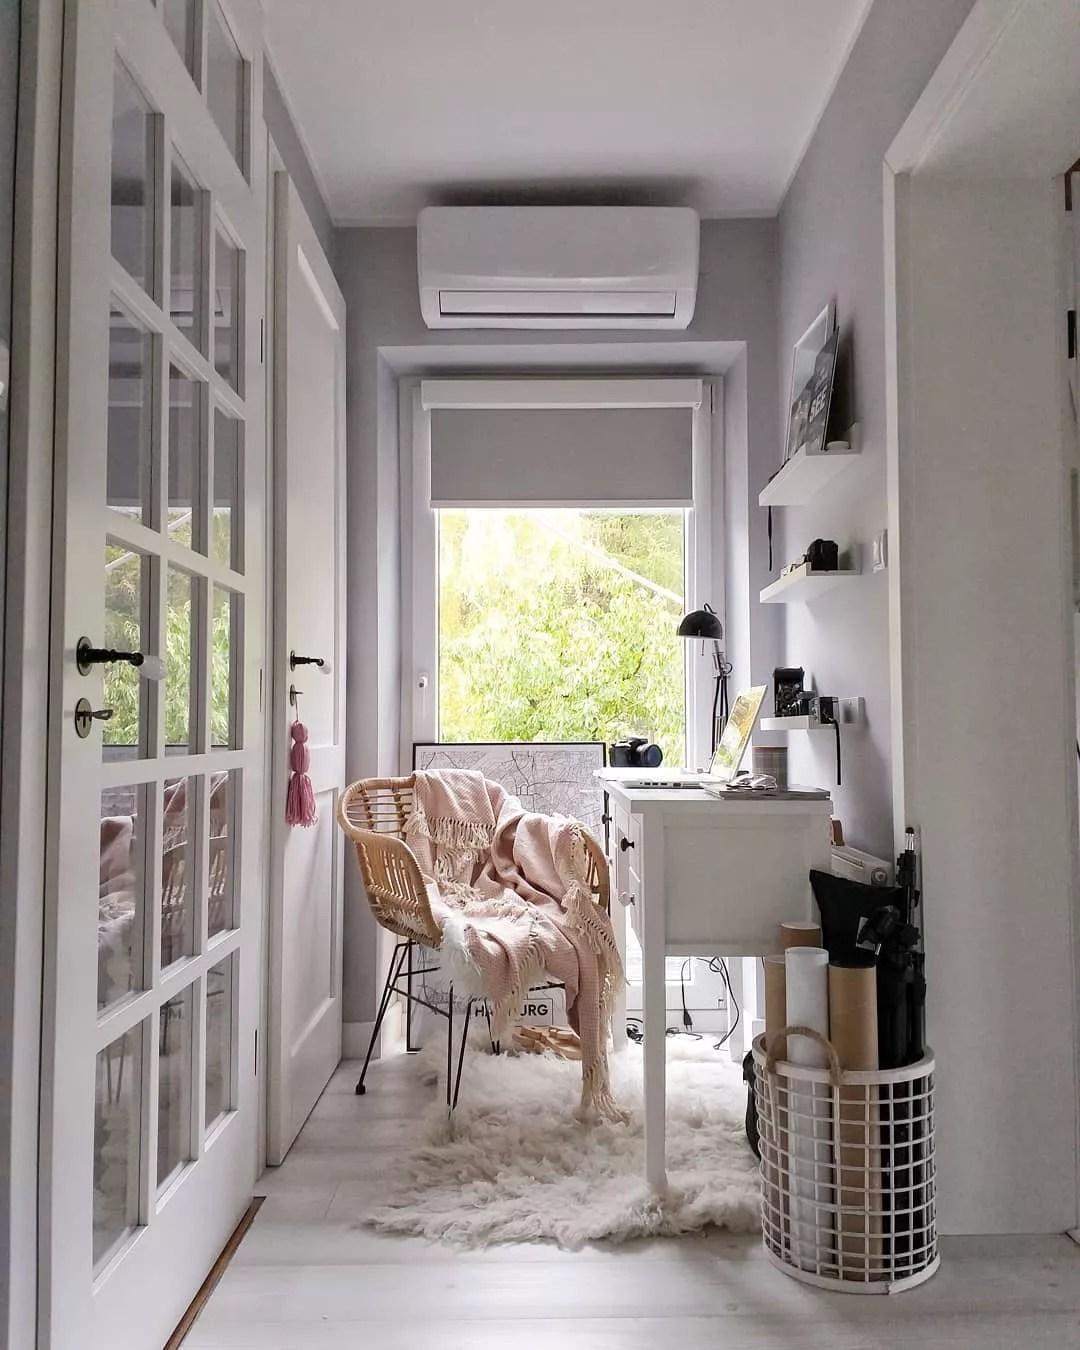 Home office set up in flex space. Photo by Instagram user @odinspiracjidorealizacji